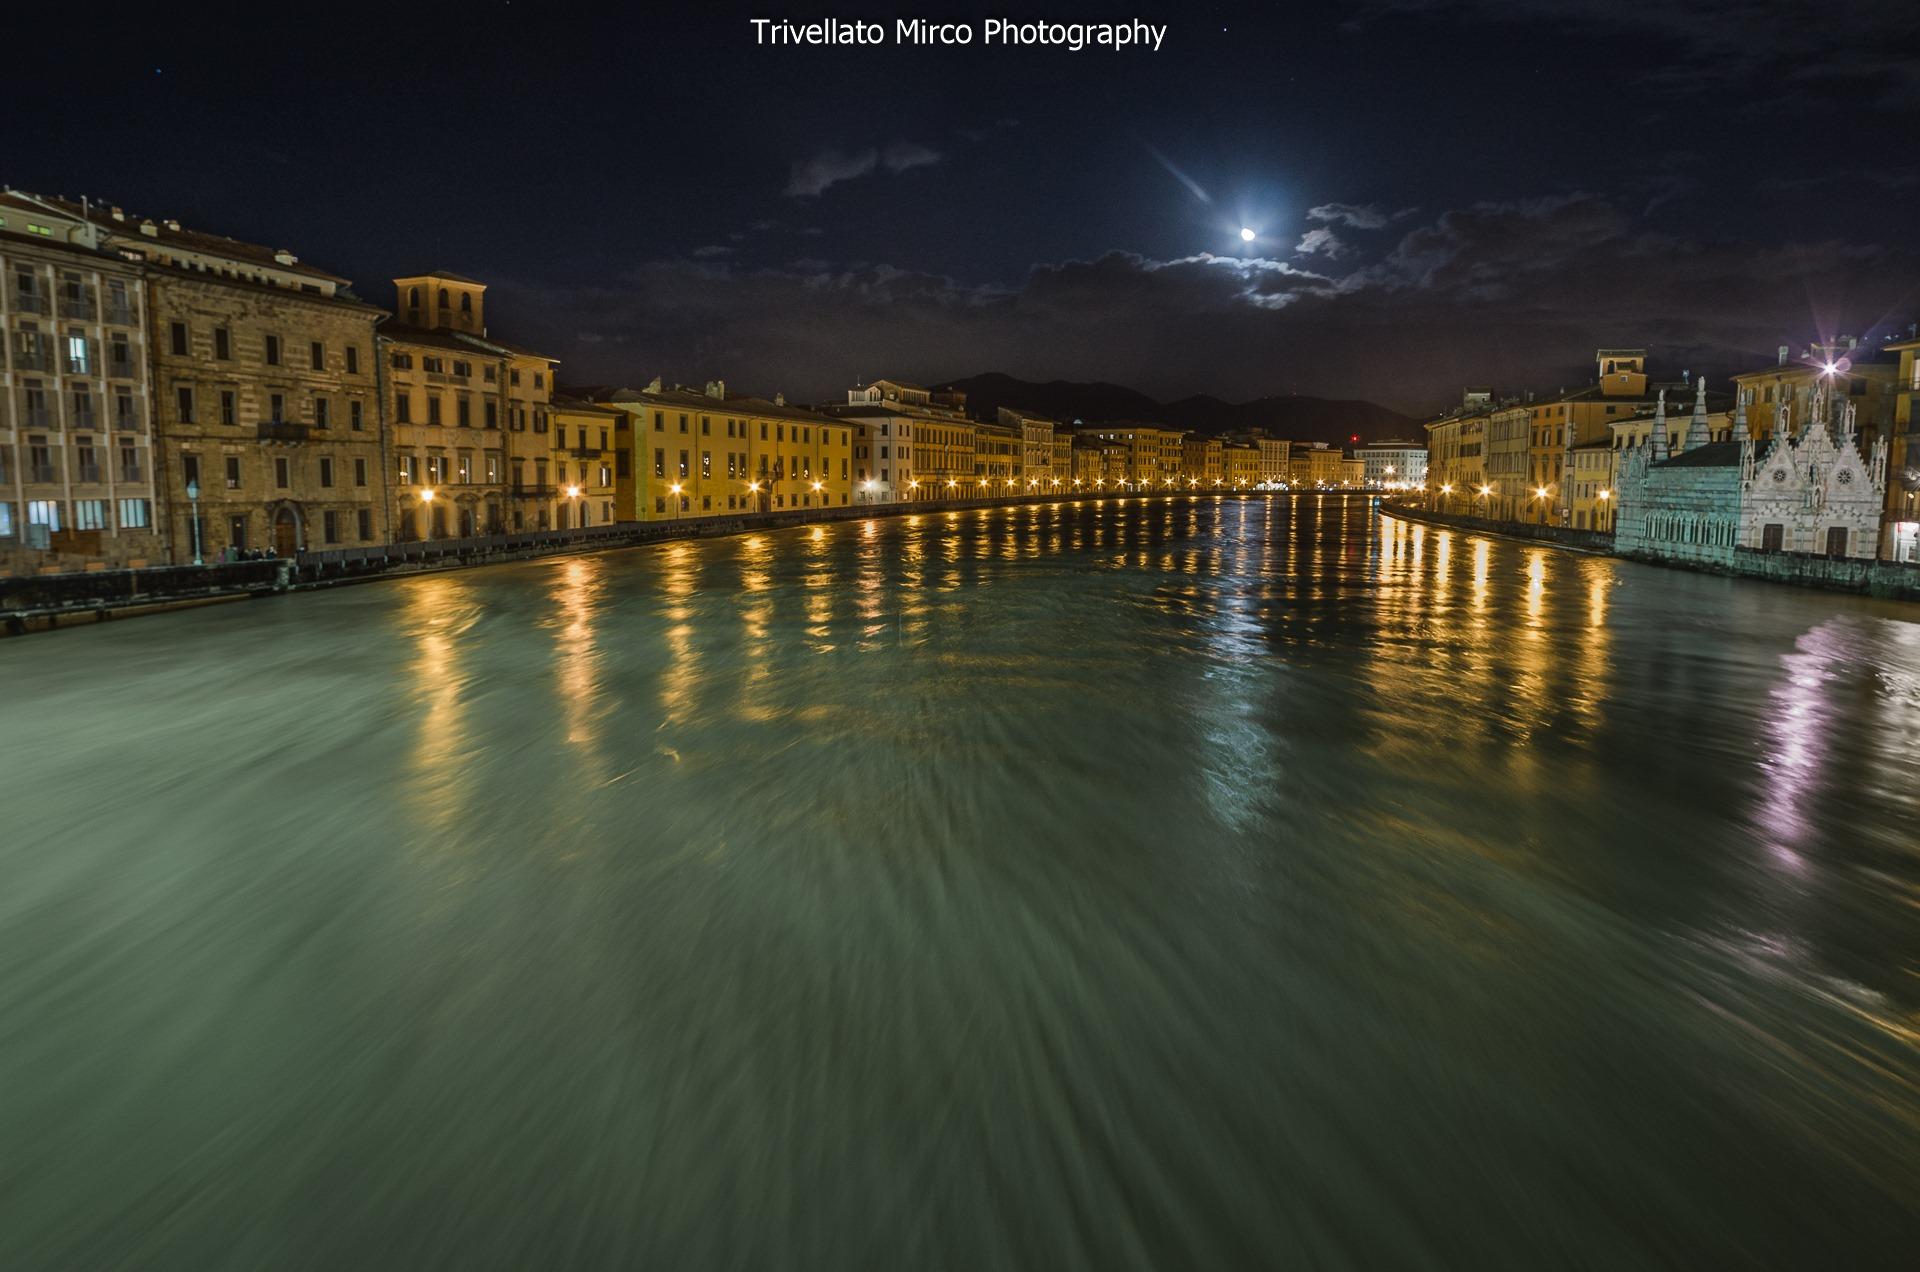 La piena dell'Arno a Pisa nei clic di Mirco Trivellato